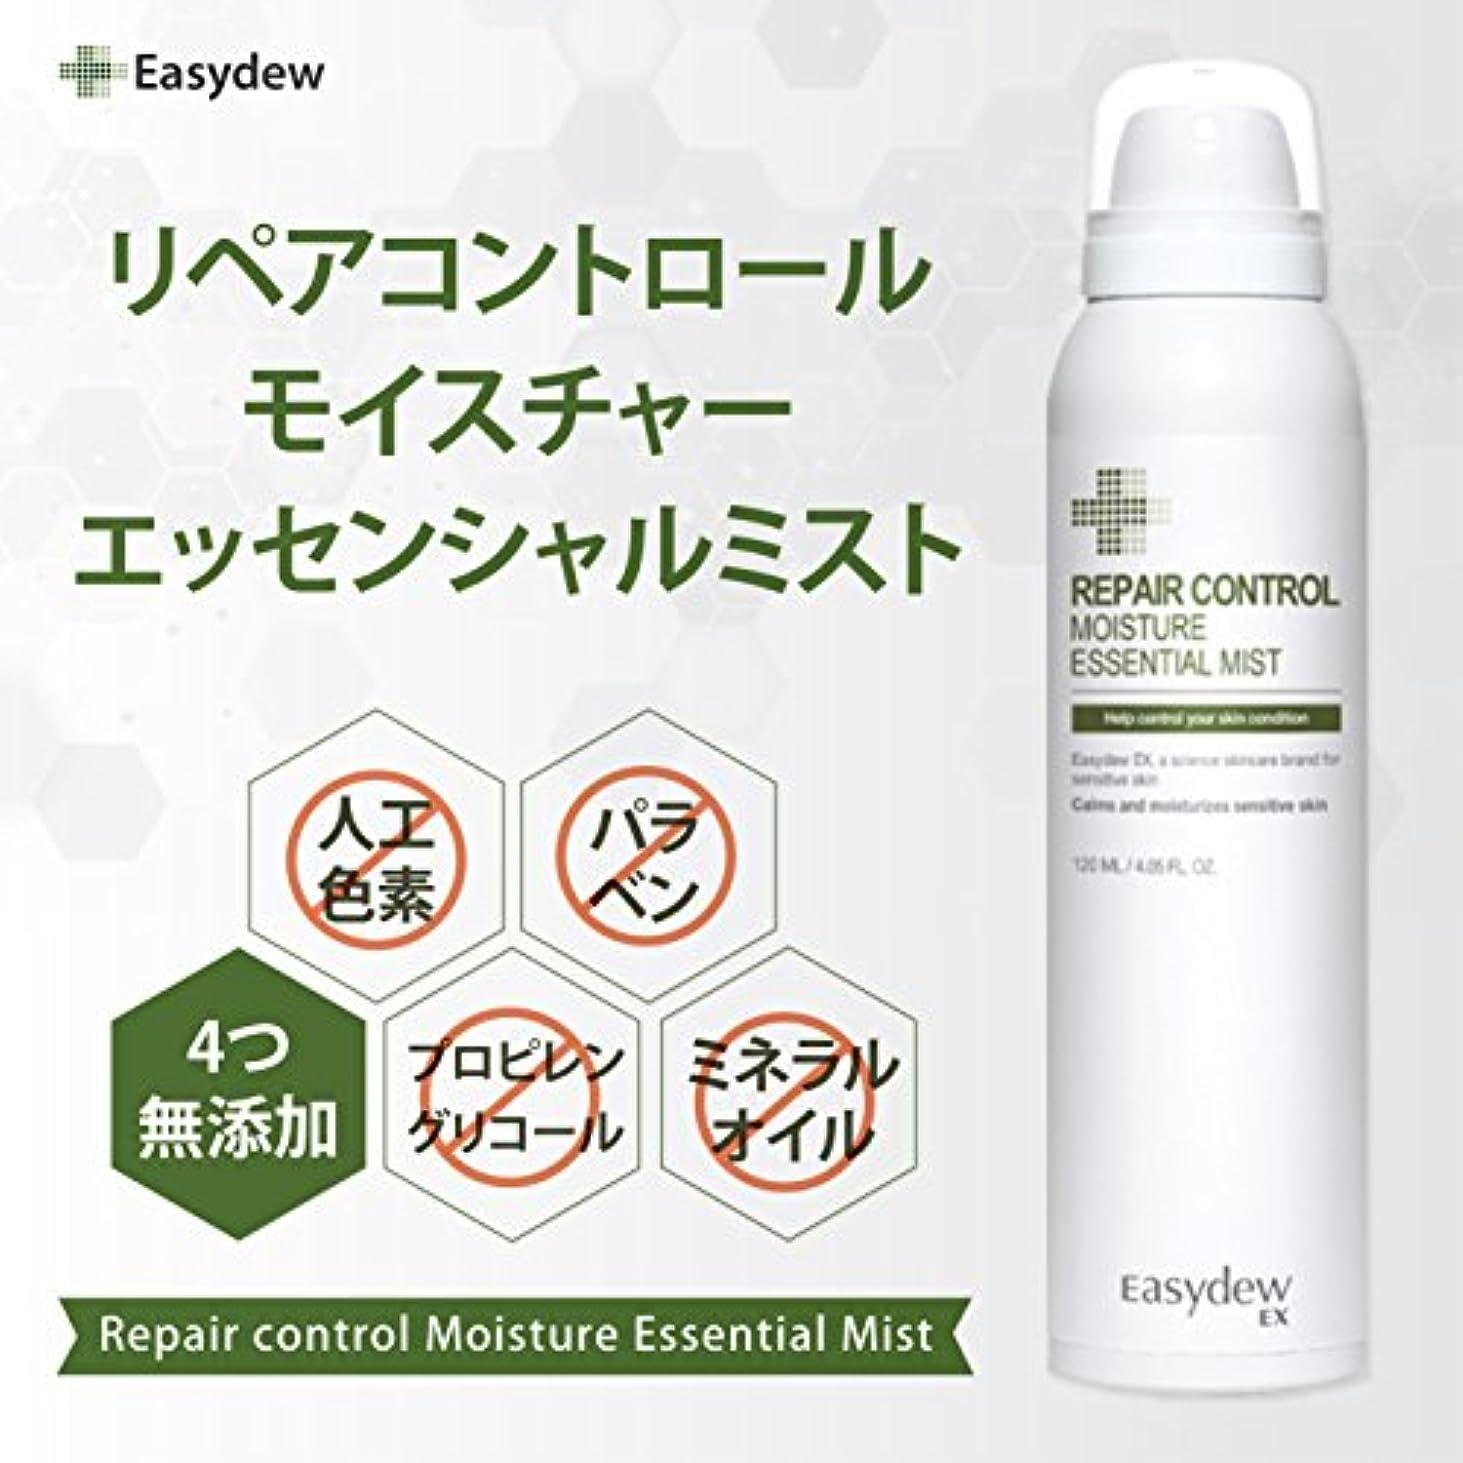 いたずらな支援する裏切り者EASYDEW EX リペア コントロール モイスチャー エッセンシャル ミスト Repair Control Moisture Essential Mist 120ml